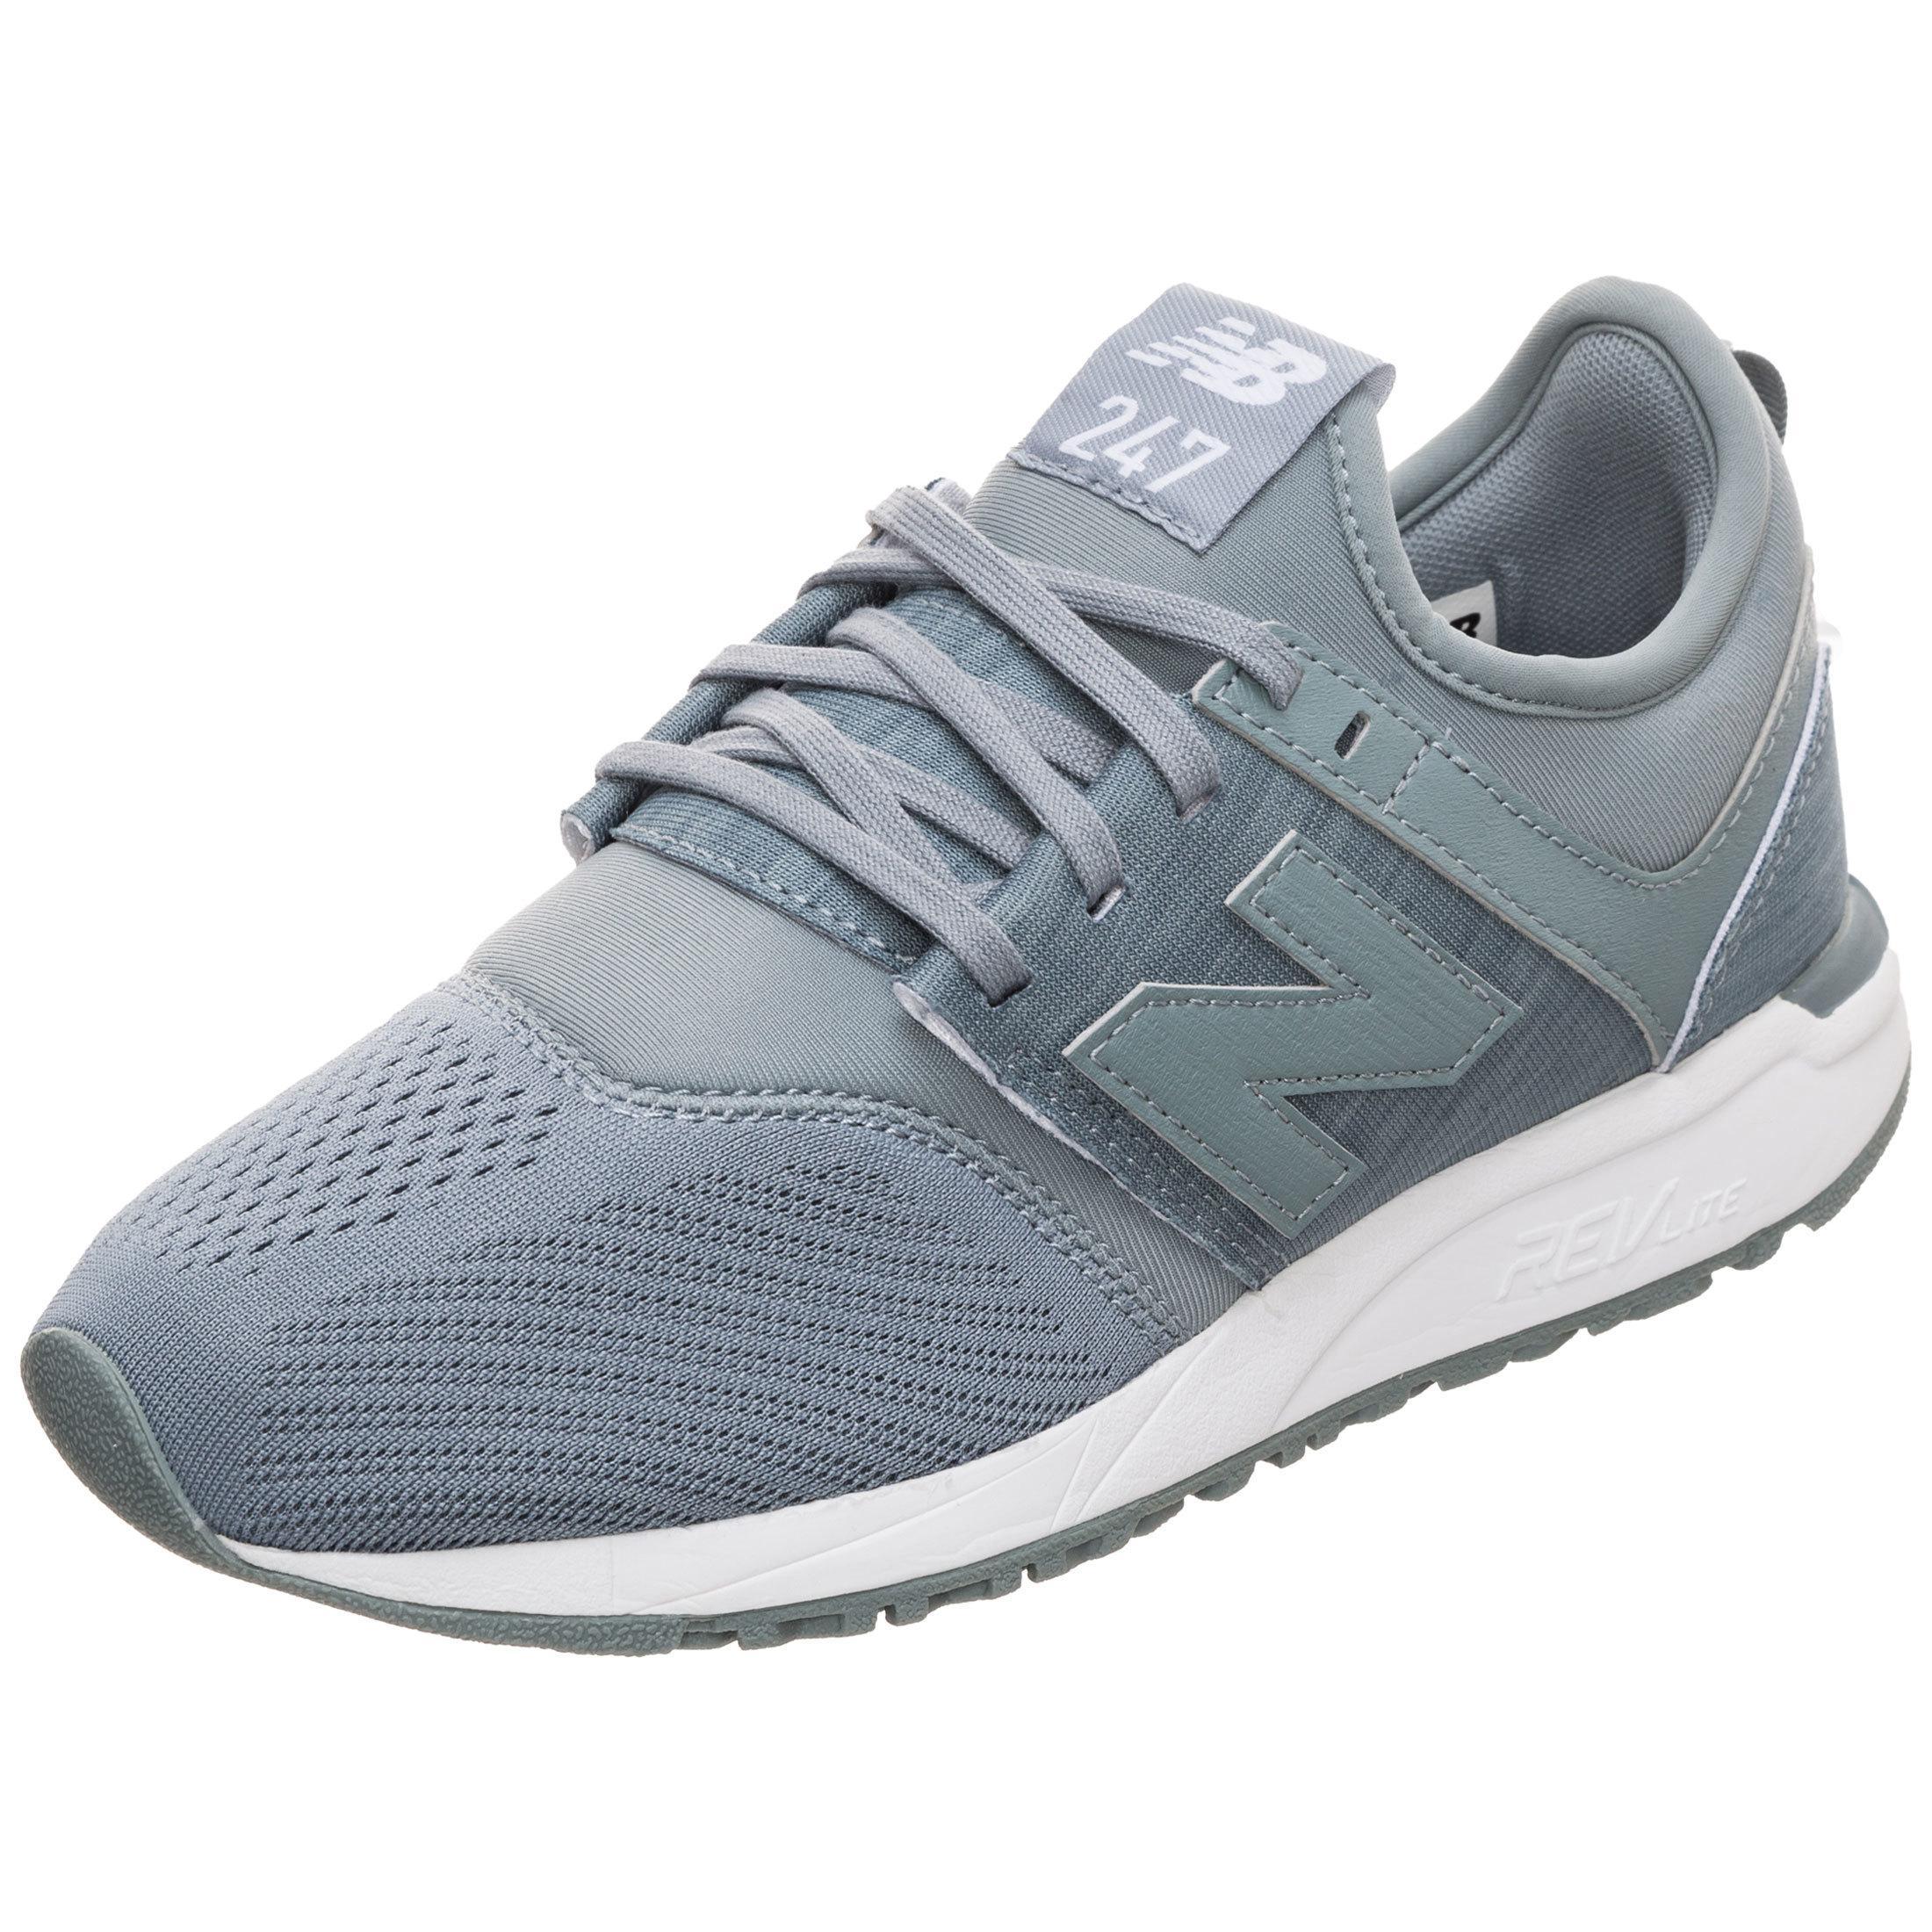 NEW BALANCE WRL247-SQ-B Turnschuhe Damen blau   weiß im Online Shop von SportScheck kaufen Gute Qualität beliebte Schuhe